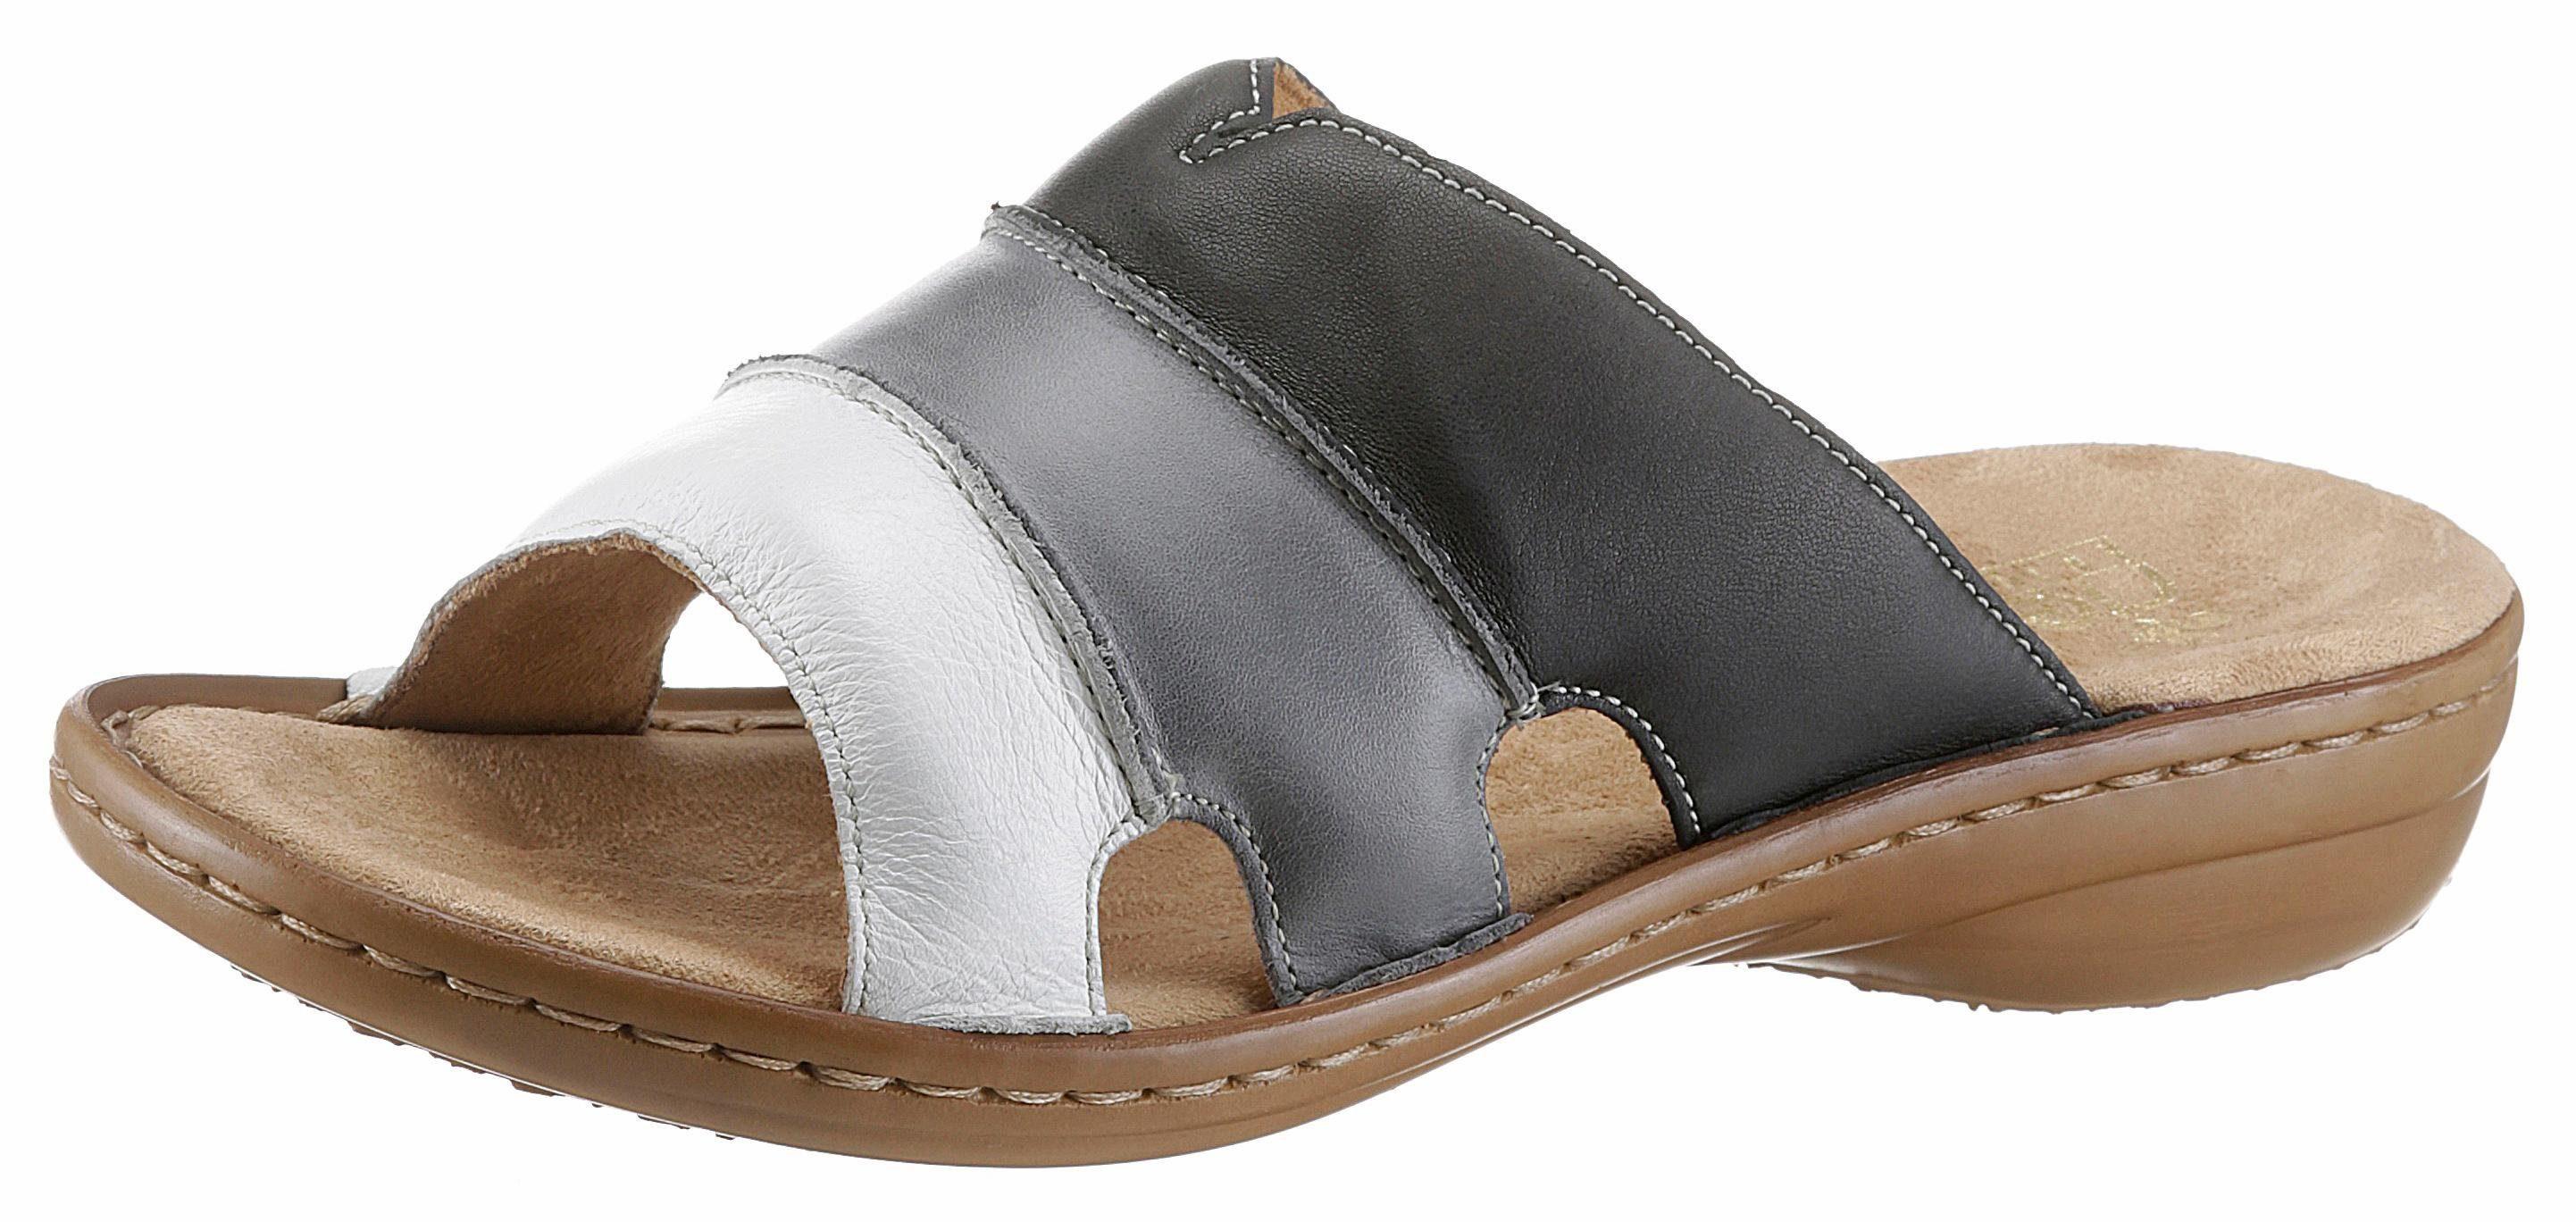 Rieker Pantolette, in Patchwork-Optik kaufen  nachtblau-grau-weiß